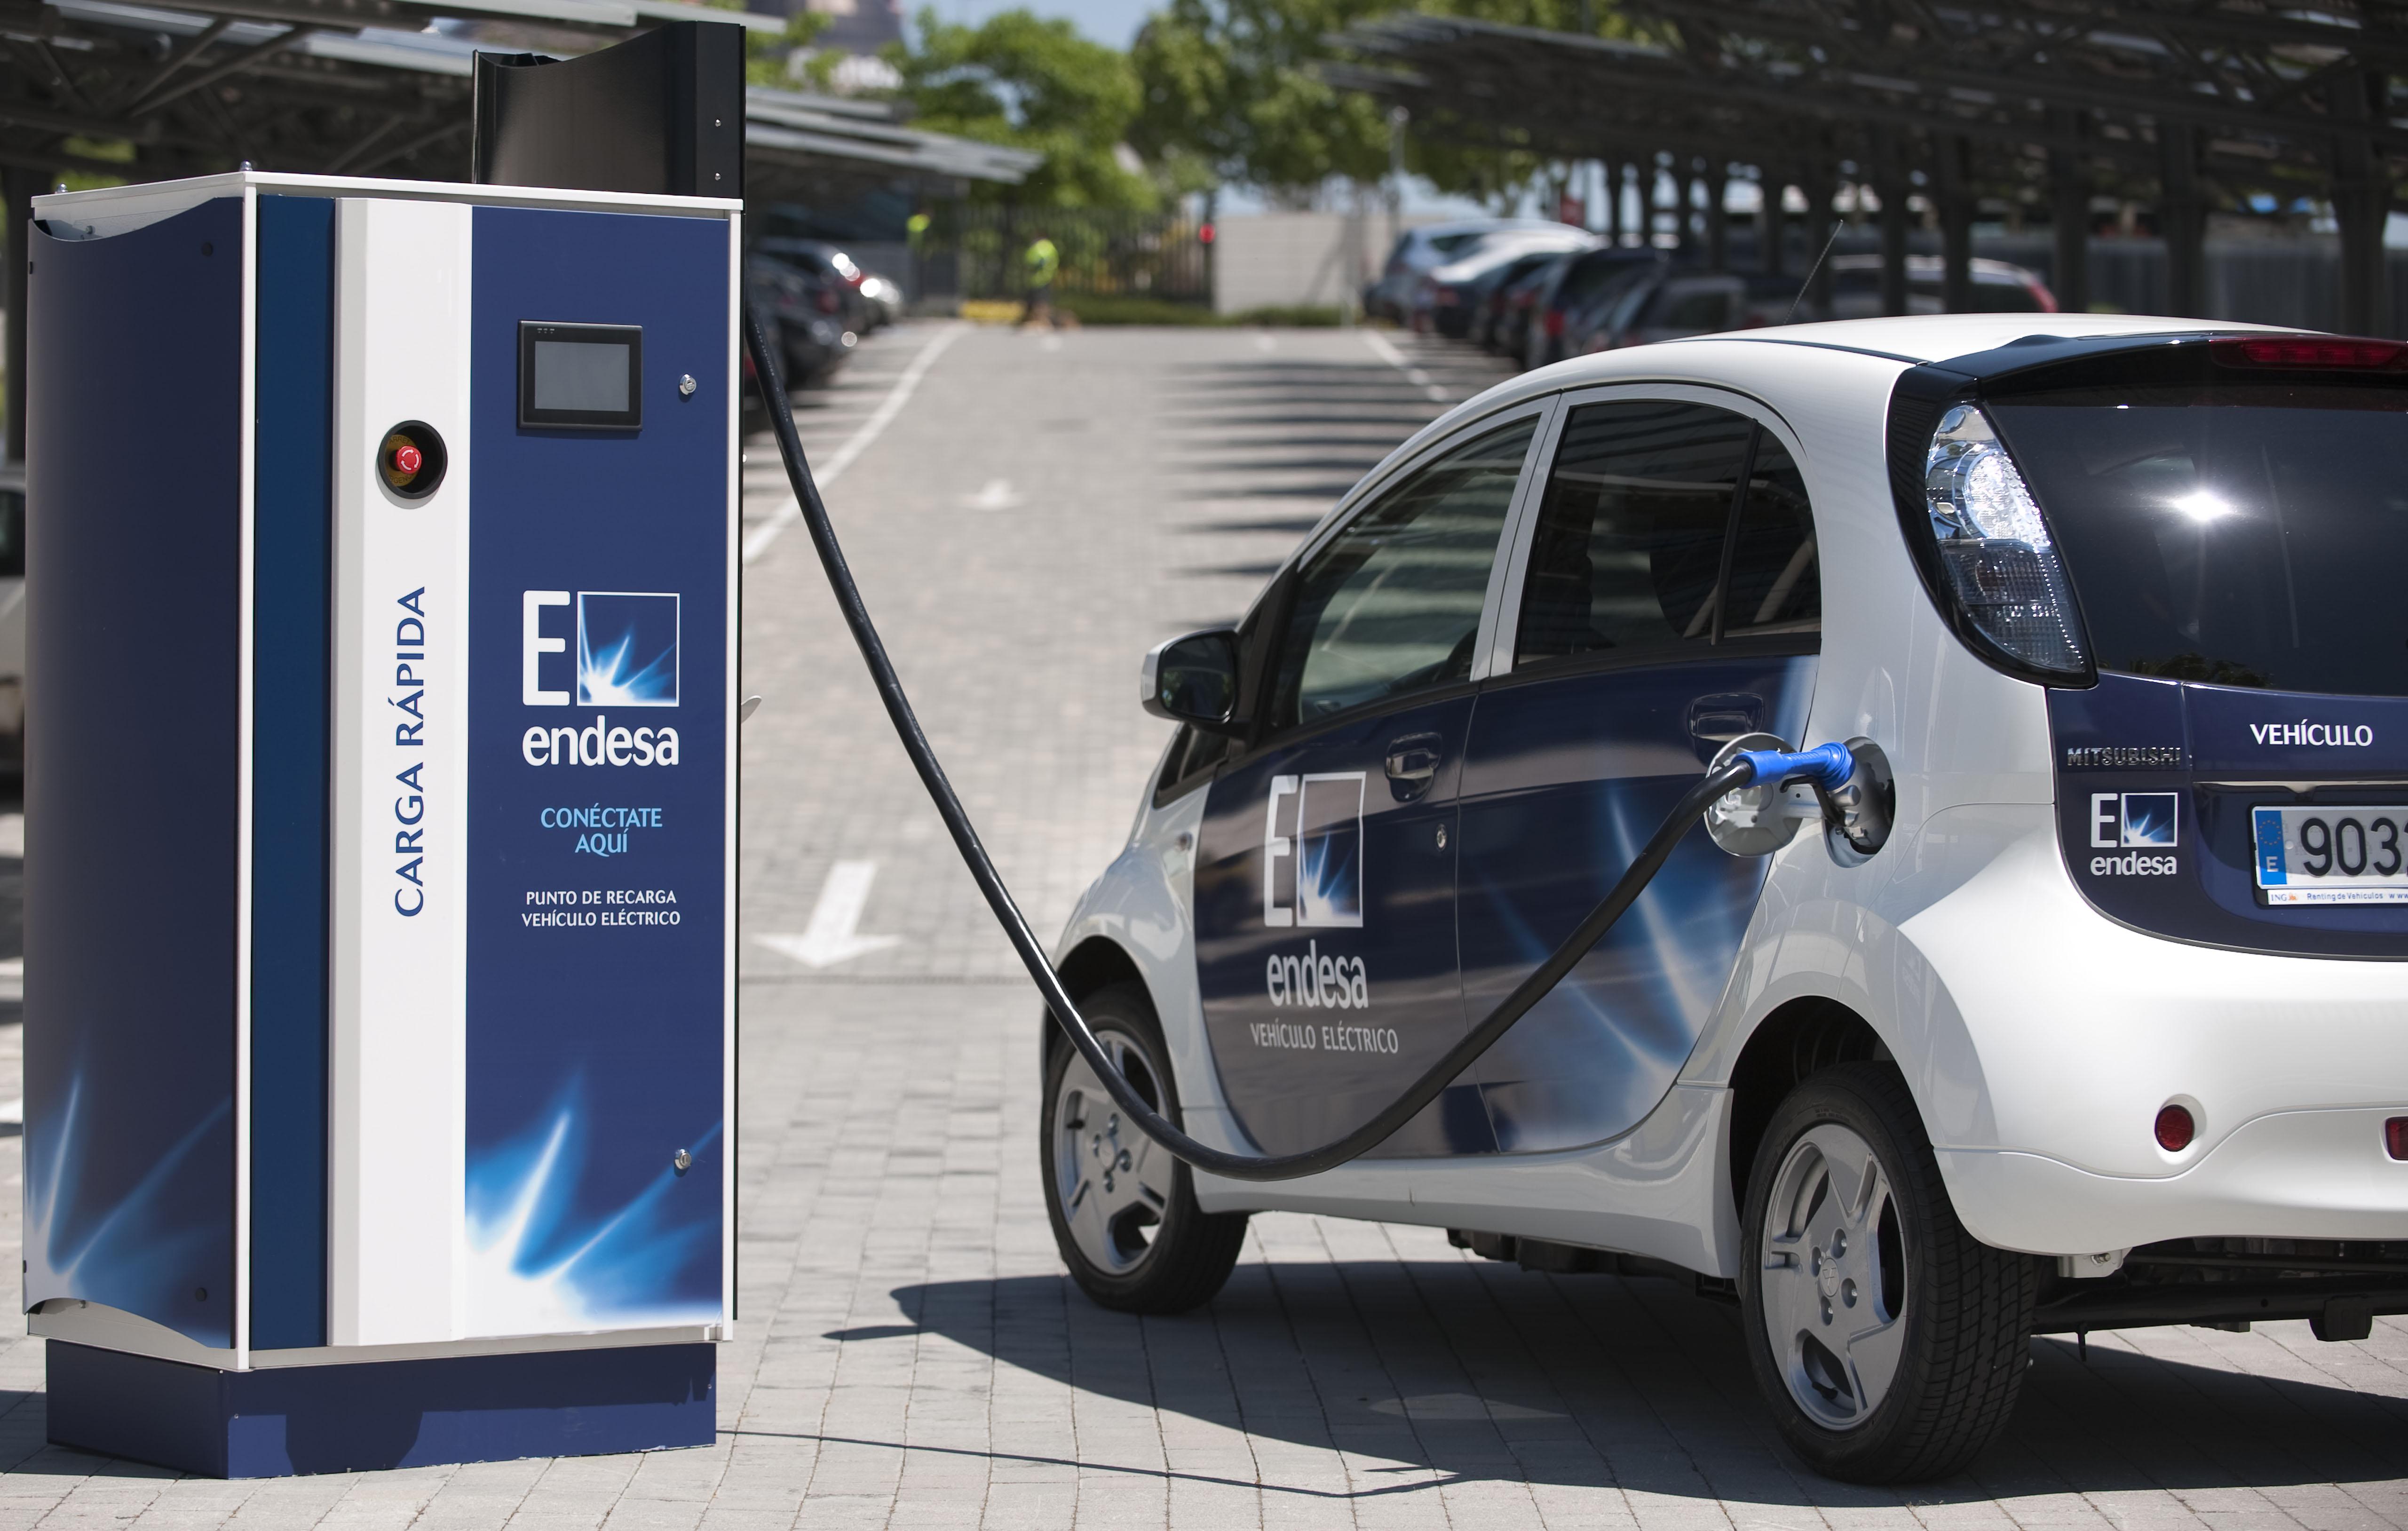 Vehículos eléctricos: Endesa y Enel cargan los coches eléctricos en toda Europa con una sola factura